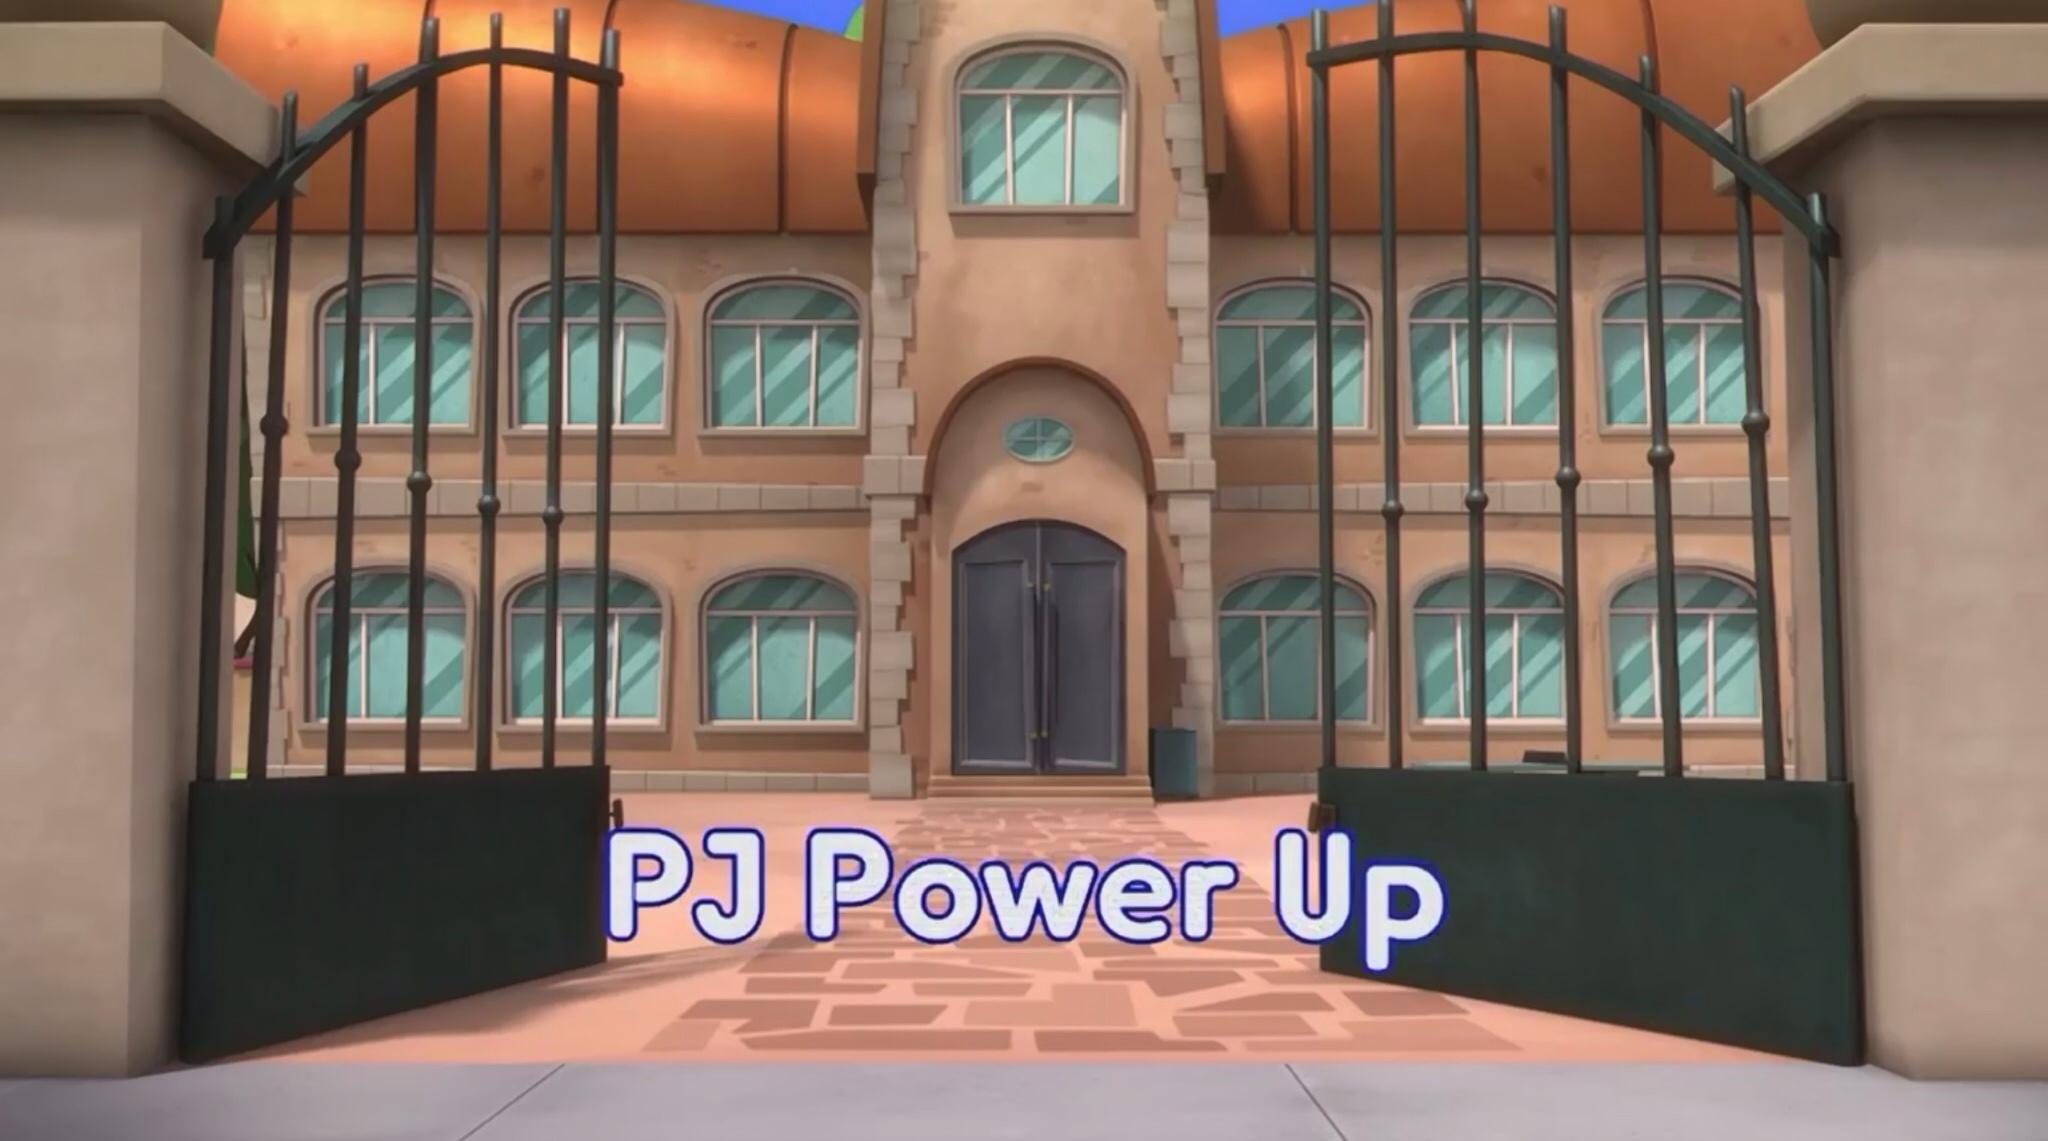 PJ Power Up